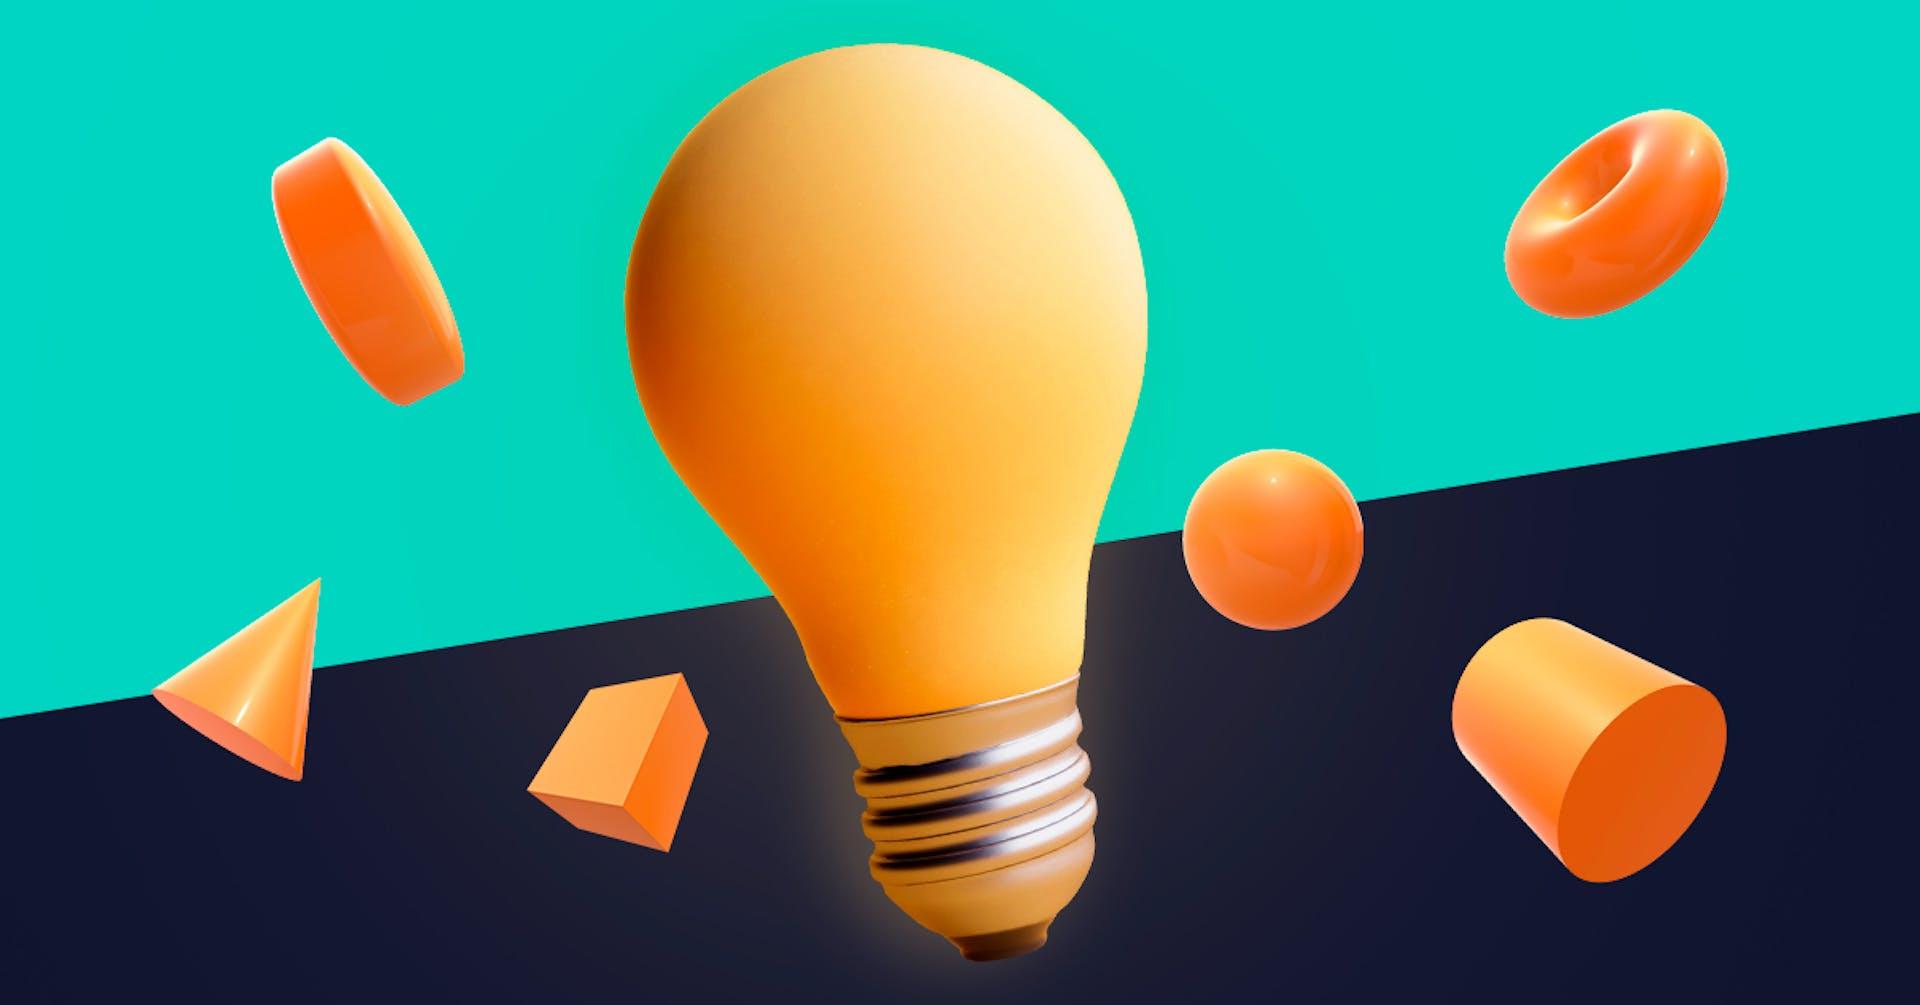 Iluminación en modelado 3D: Guía básica para reflejar la luz en tus creaciones